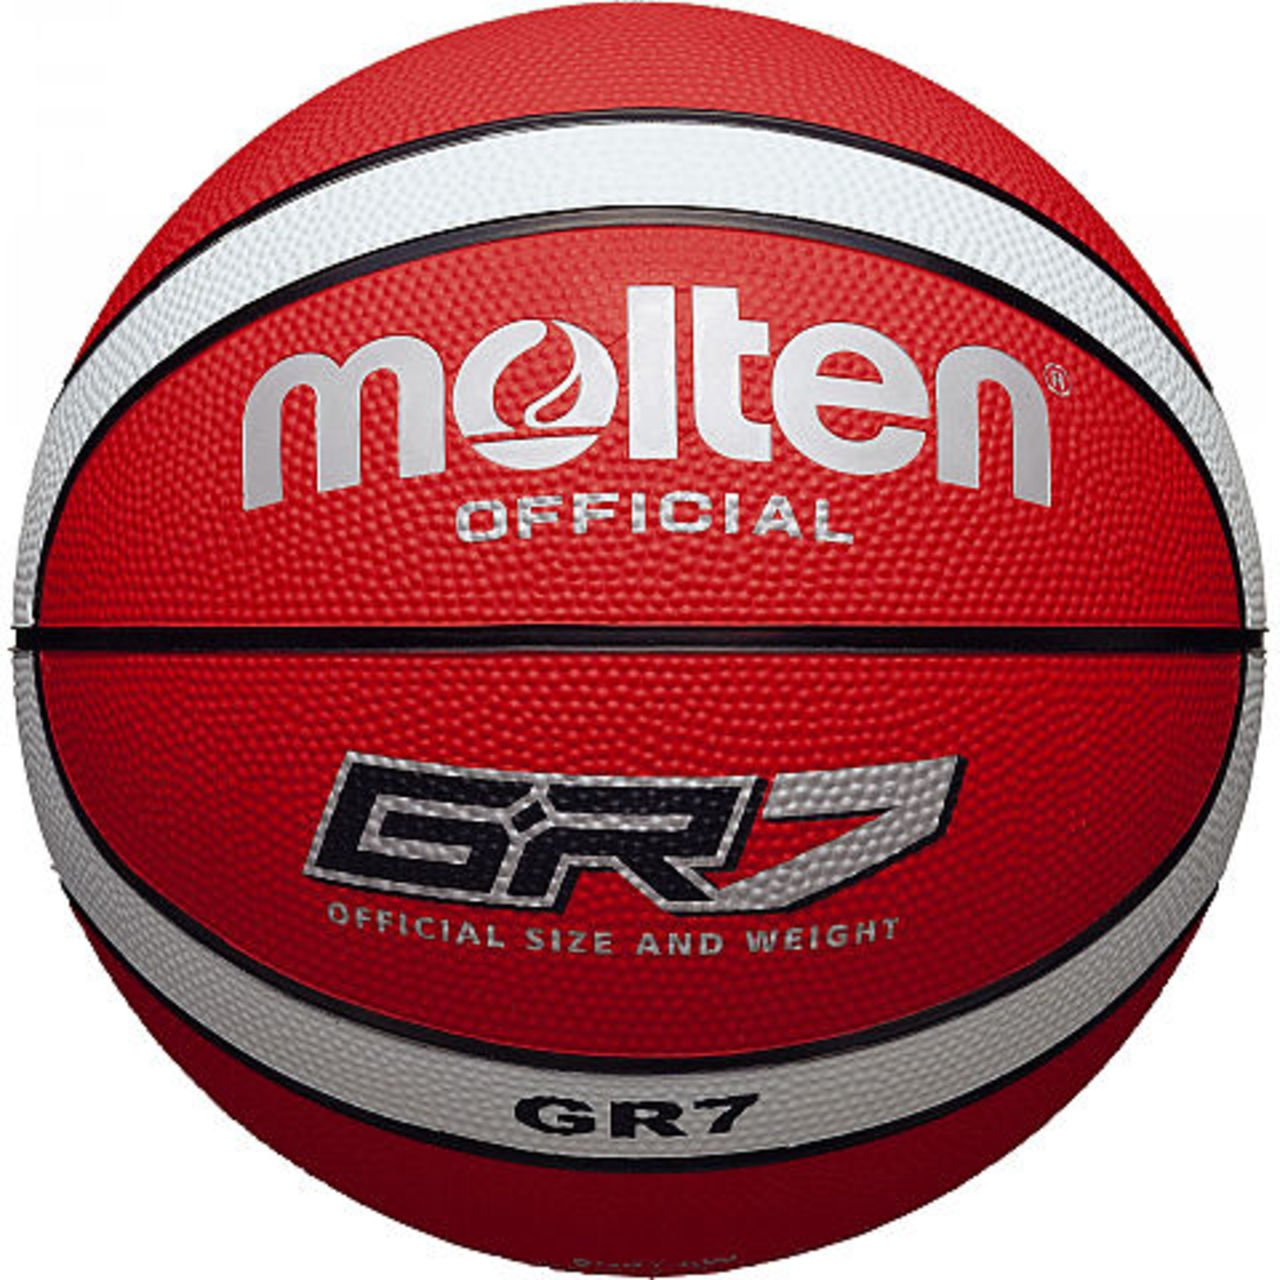 Molten Gr7 baloncesto rojo tamaño 7: Amazon.es: Deportes y aire libre